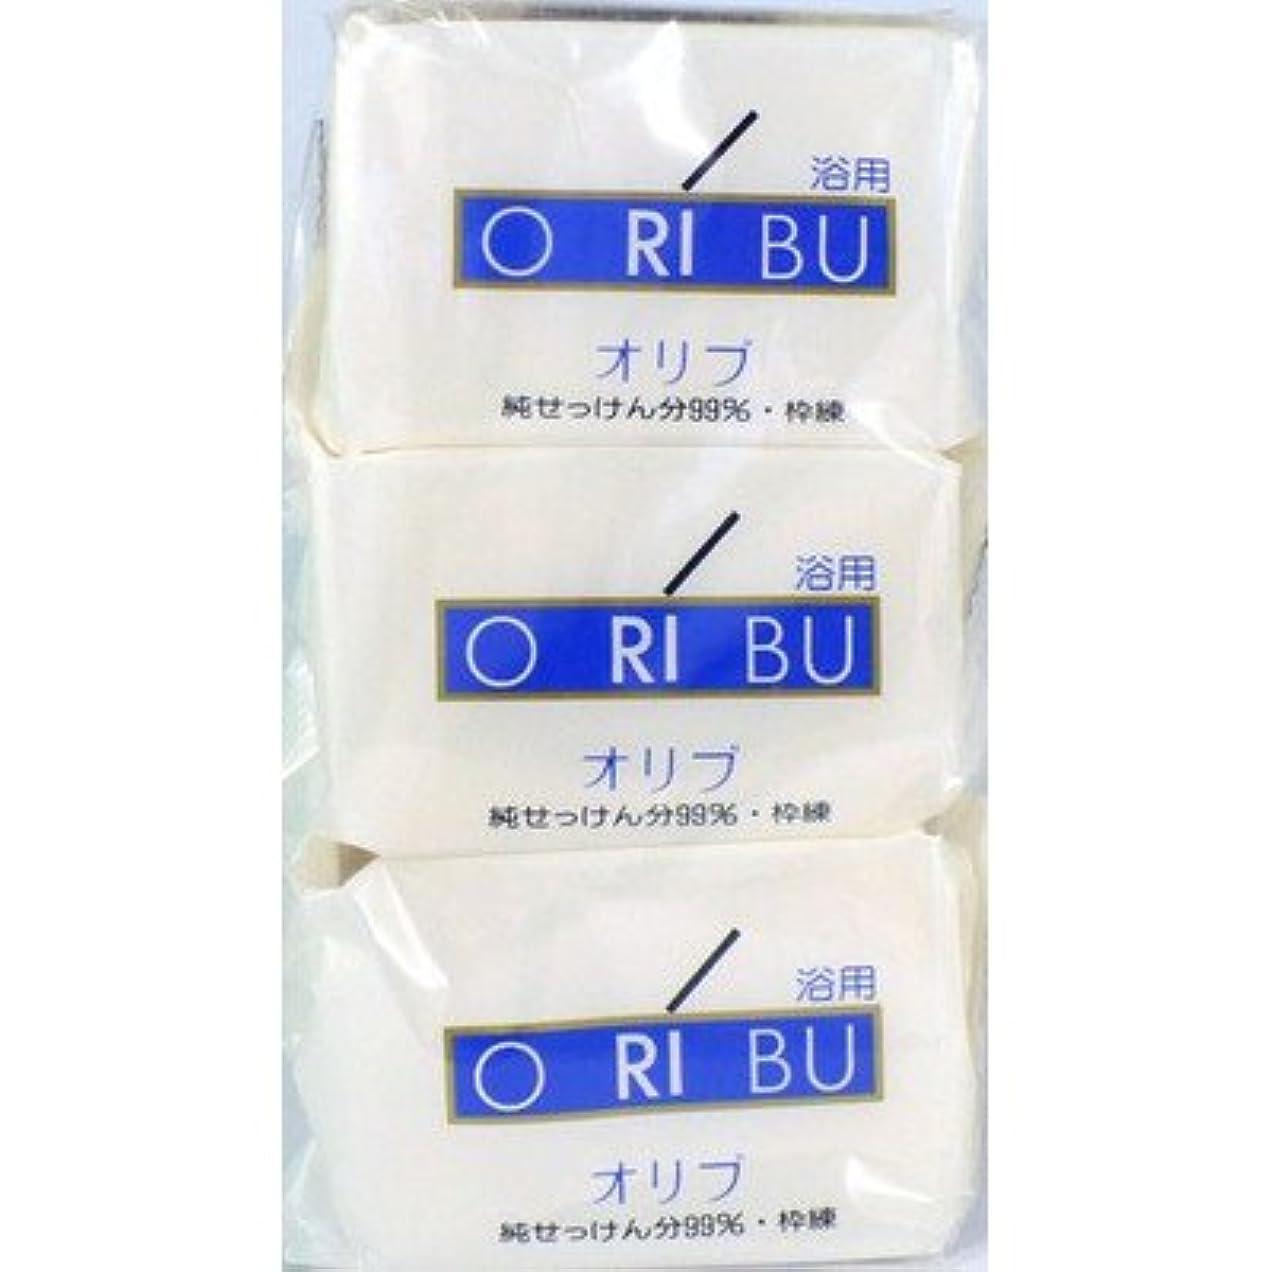 ぴったり太鼓腹フォージ暁石鹸 ORIBU オリブ 浴用石鹸 110g 3個入り